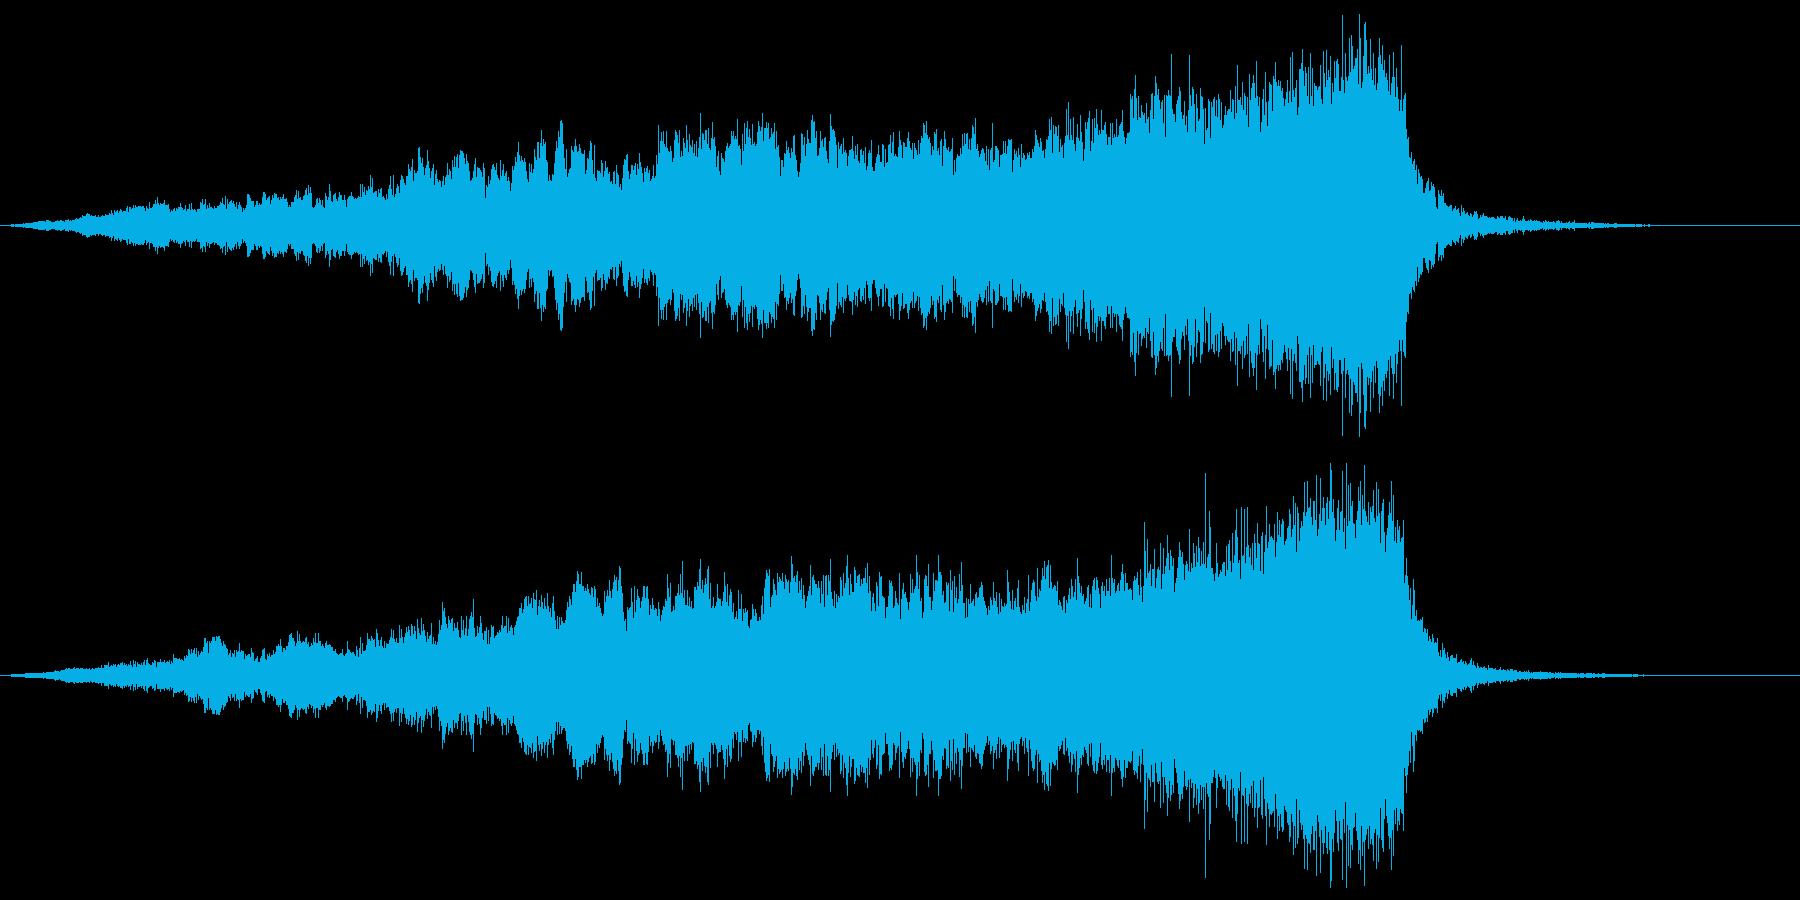 【ライザー】07 SFサウンド 宇宙の再生済みの波形